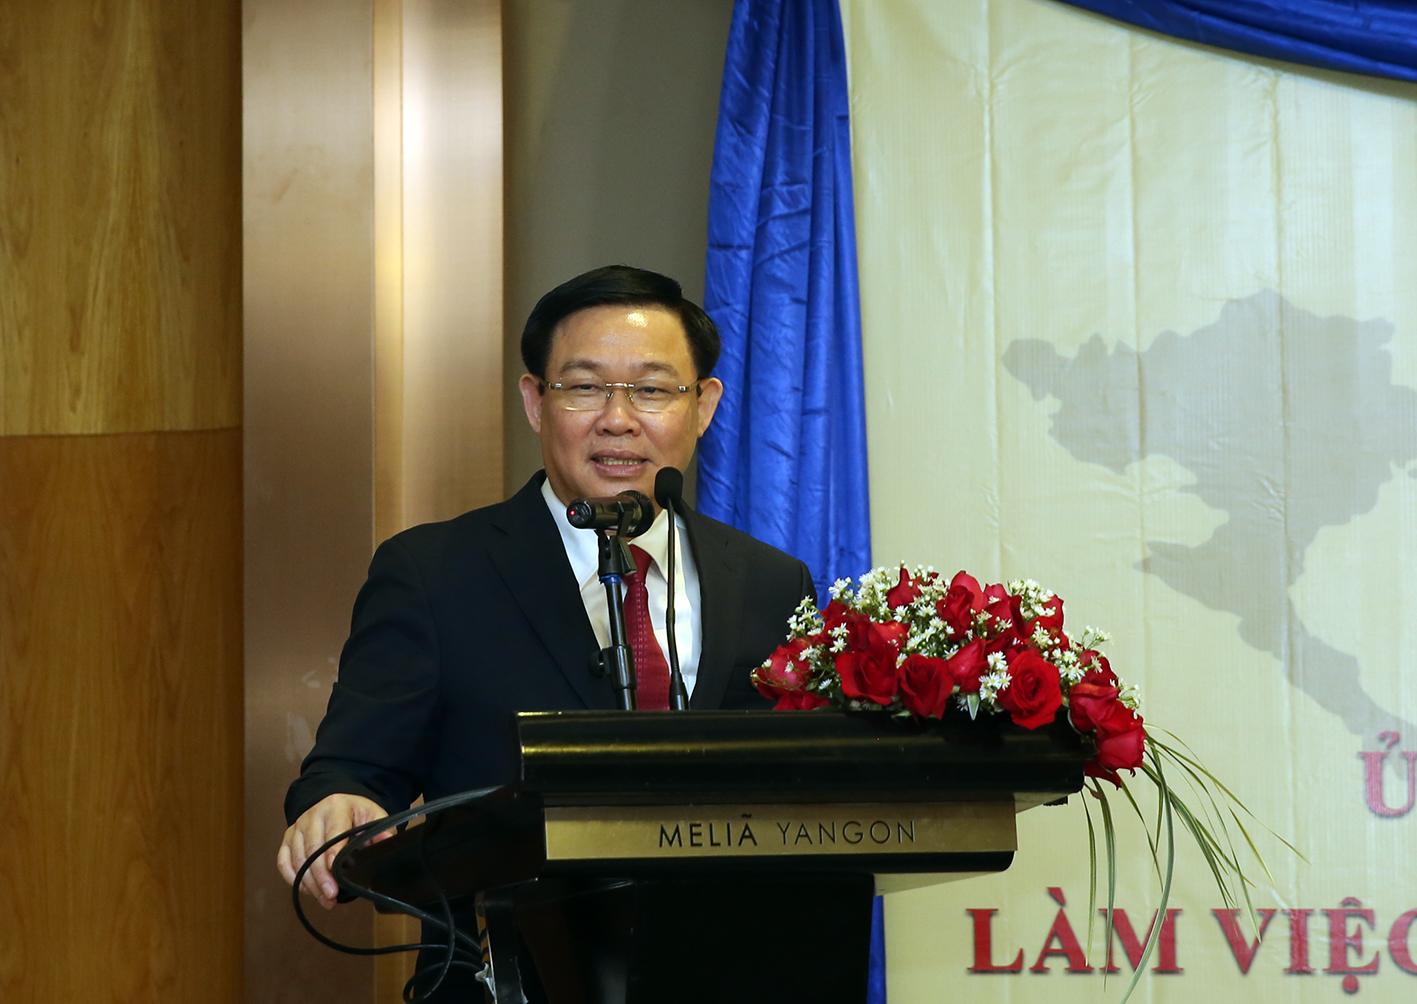 Đưa kim ngạch thương mại Việt Nam - Mi-an-ma đạt trên 1 tỷ USD vào năm 2020